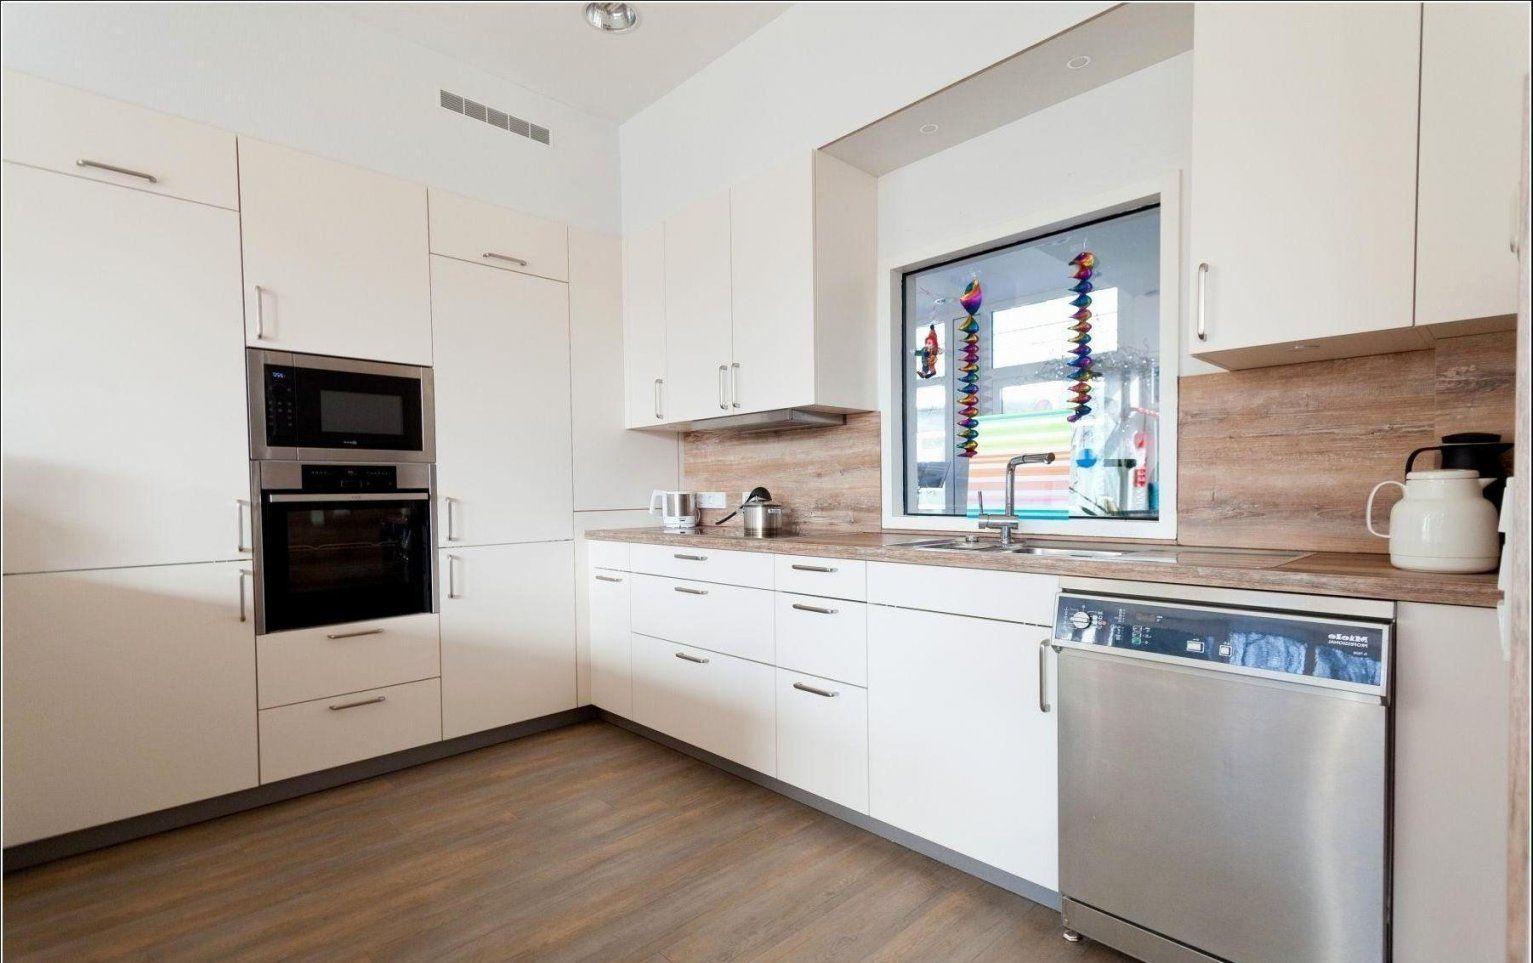 Küchen Aus Alt Mach Neu | Aus Alt Mach Neu Küche Mit Kreidefarbe ...